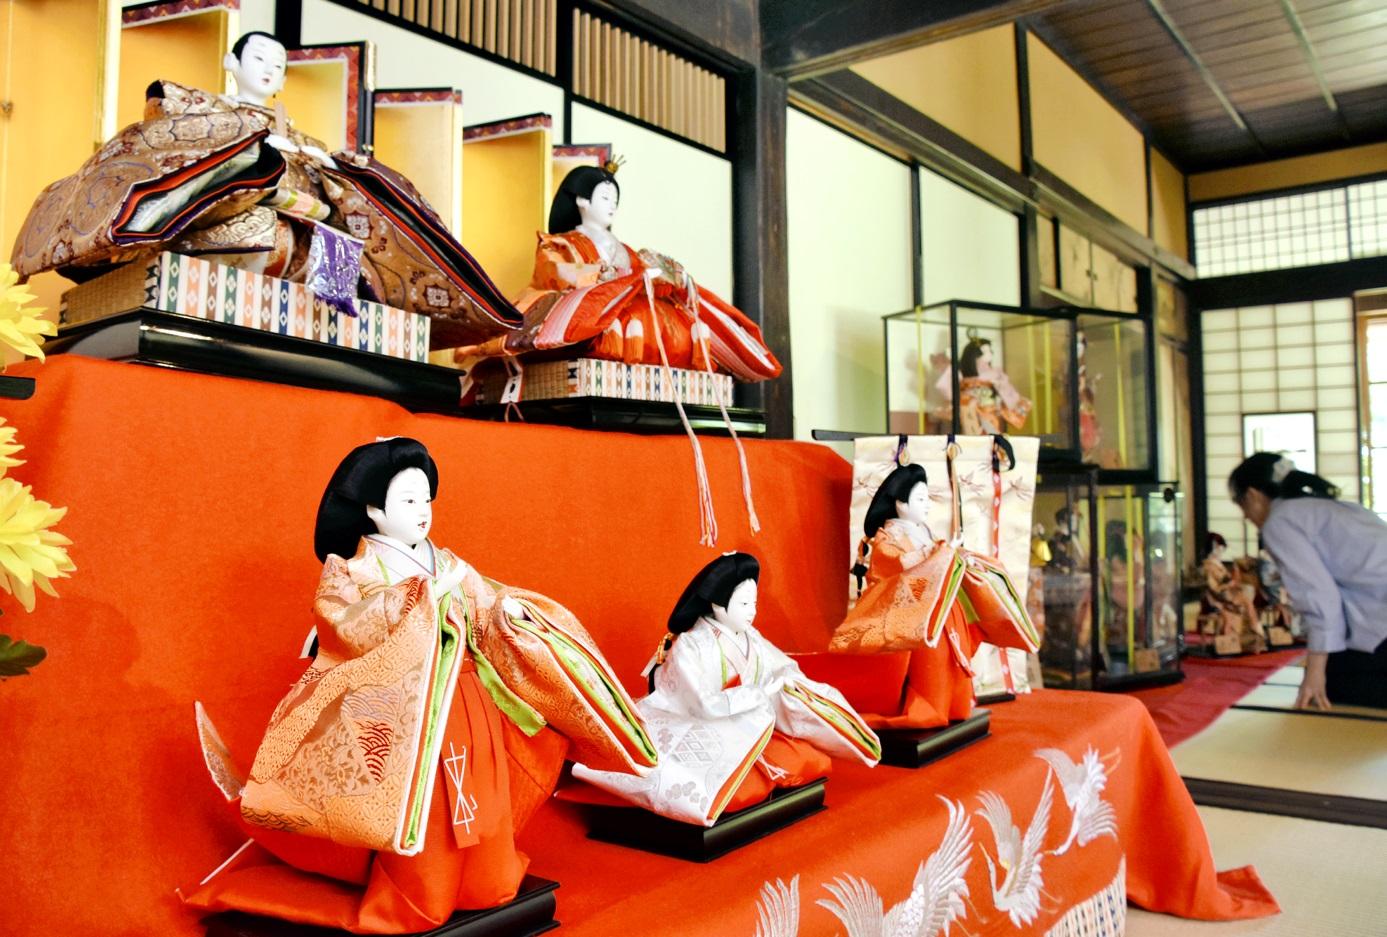 ひな人形や日本人形が並ぶ重陽の節句展=8日、大野市城町の武家屋敷旧田村家